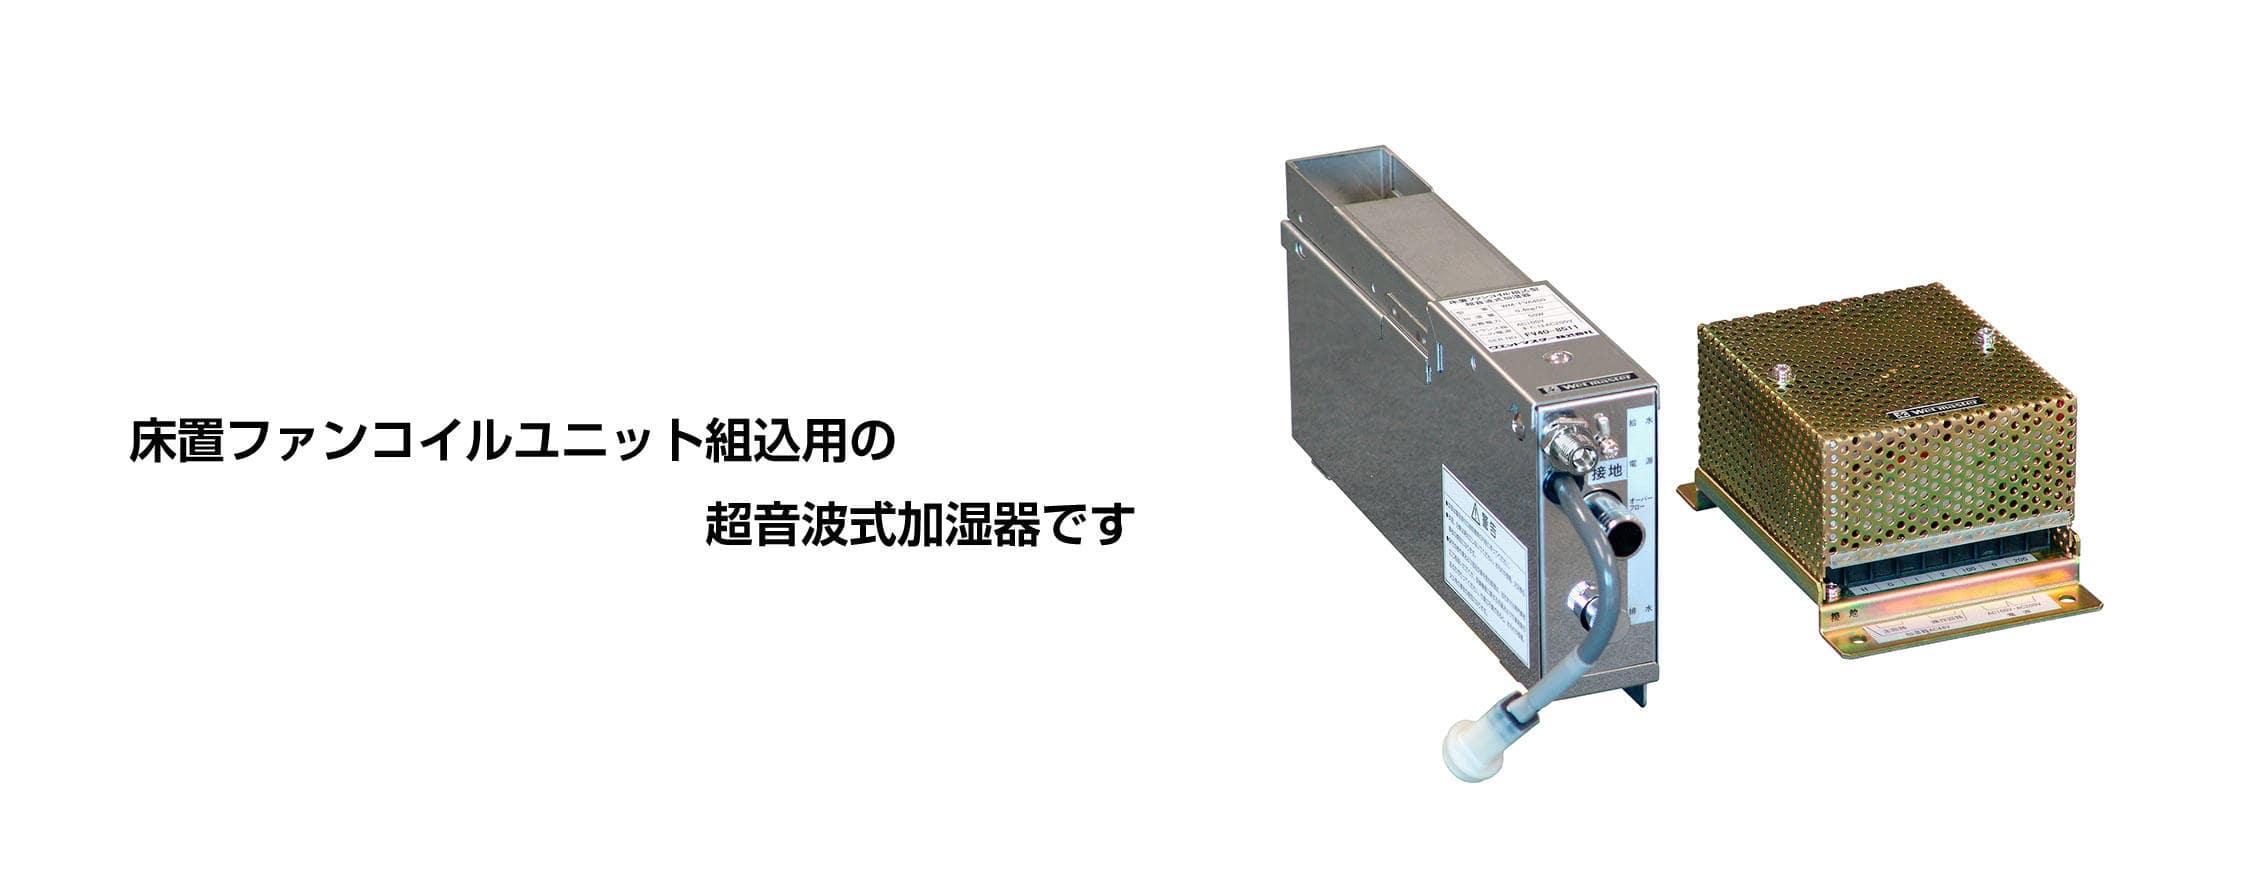 超音波式加湿器FVA